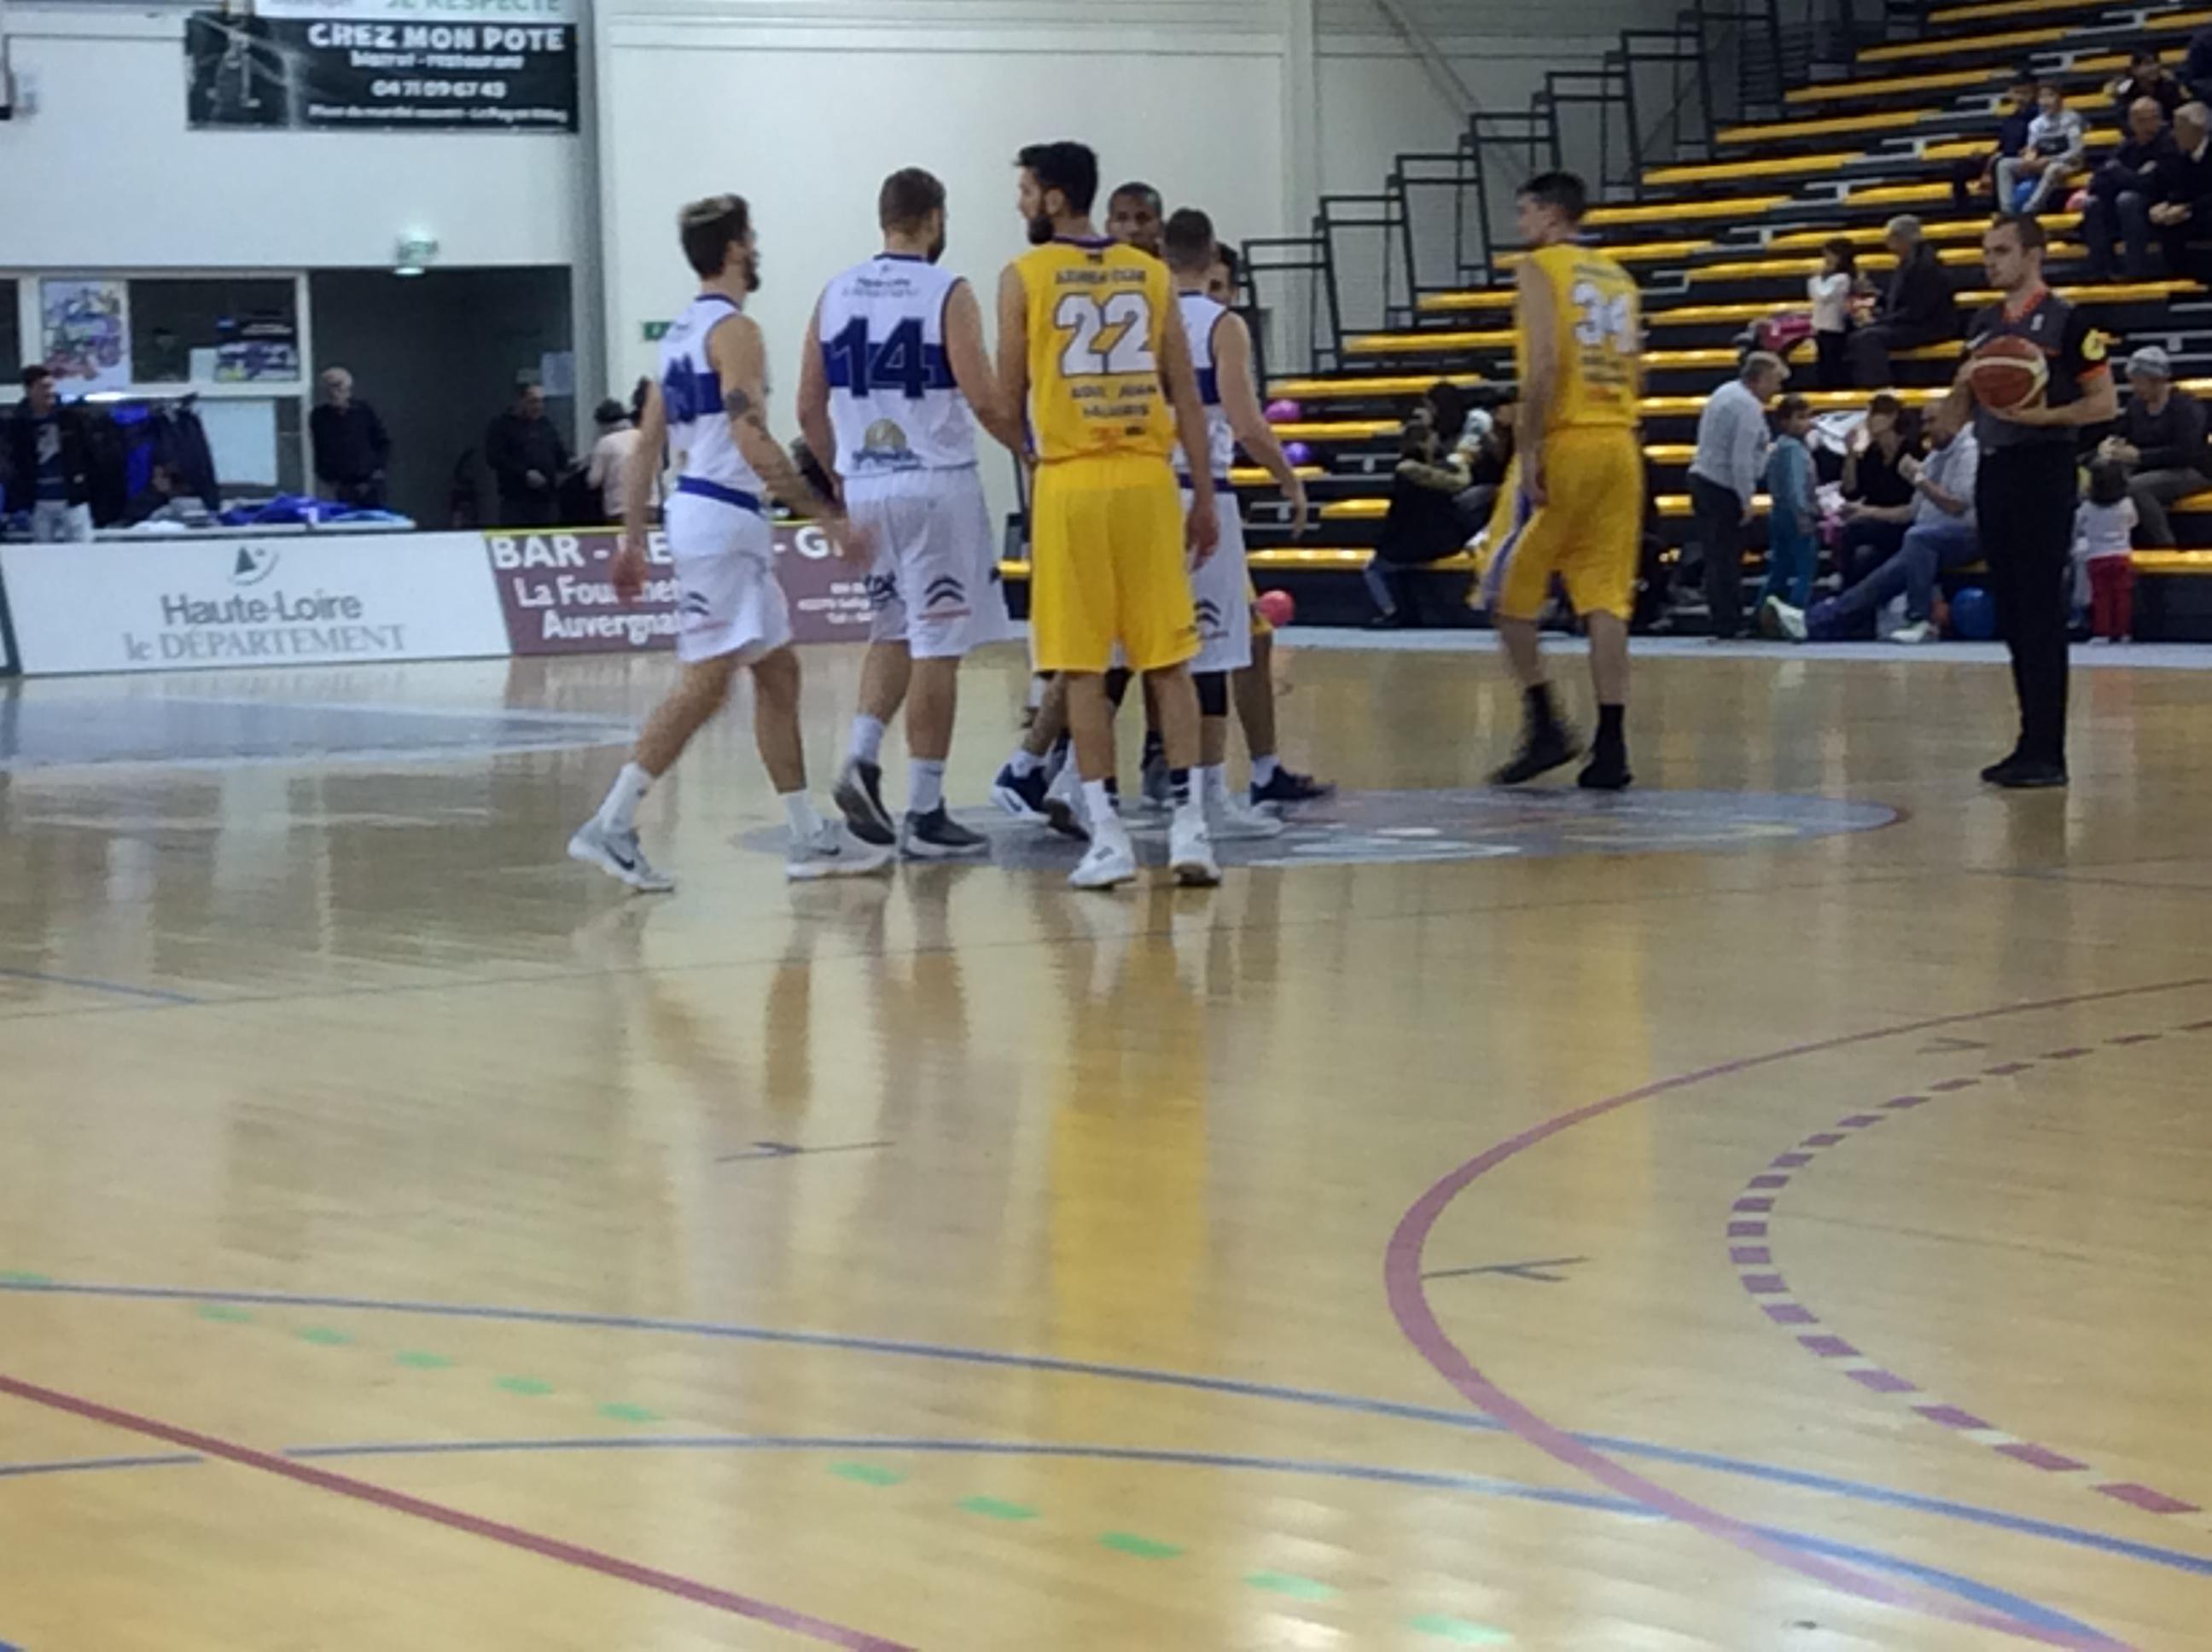 nationale 2 basket Besançon 77-65 asmb le puy réac après match